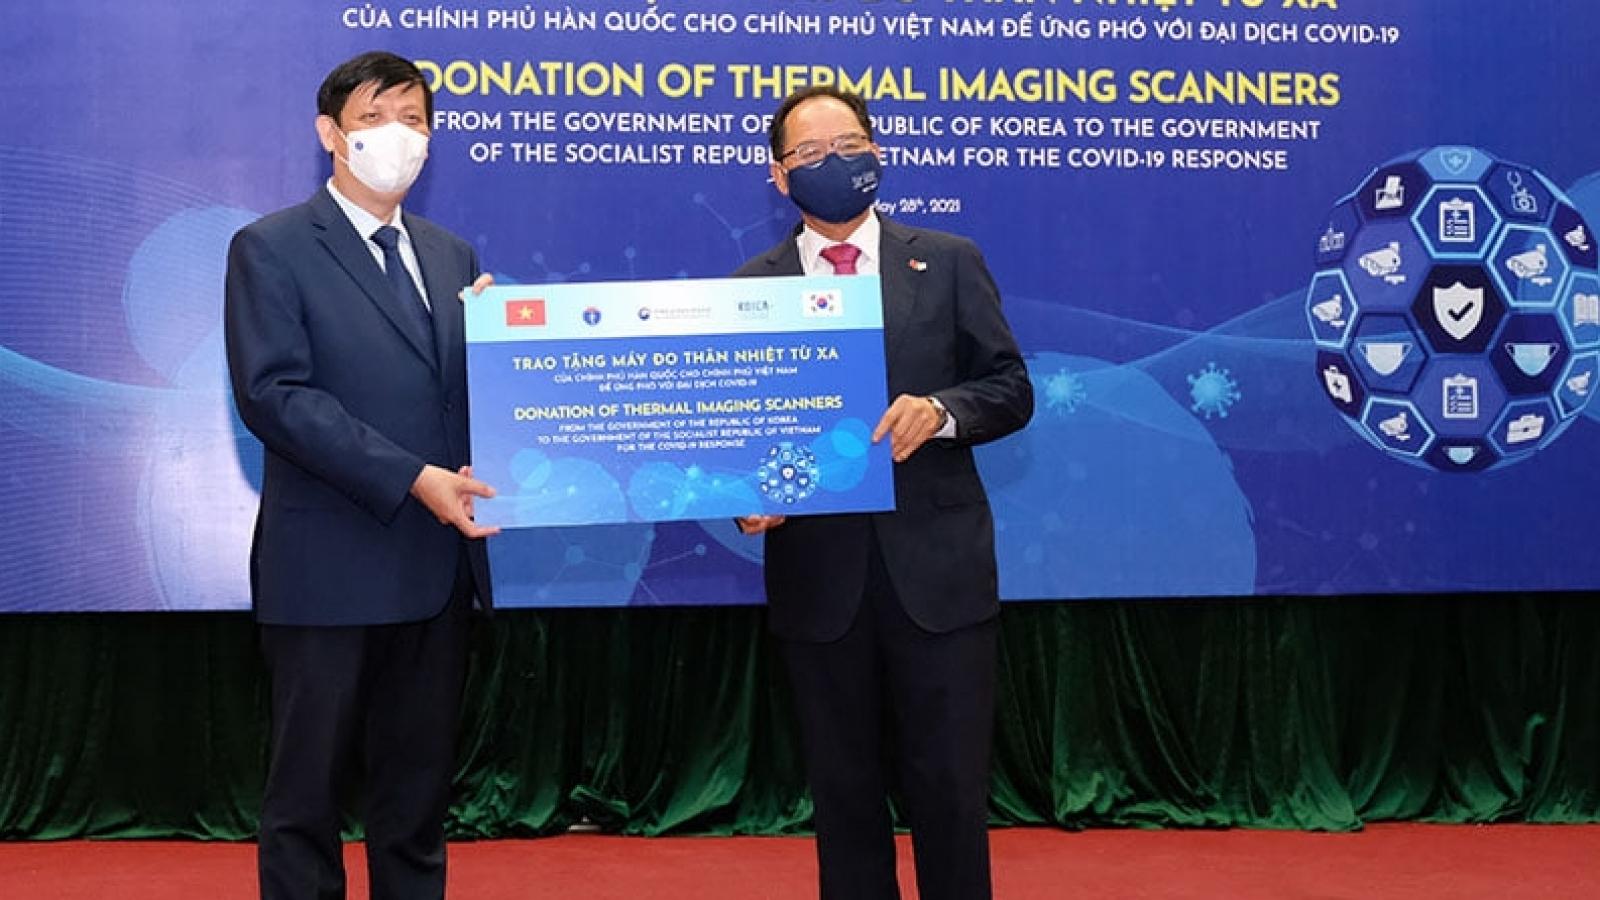 Việt Nam nhận 40 máy đo thân nhiệt từ xa do Hàn Quốc trao tặng